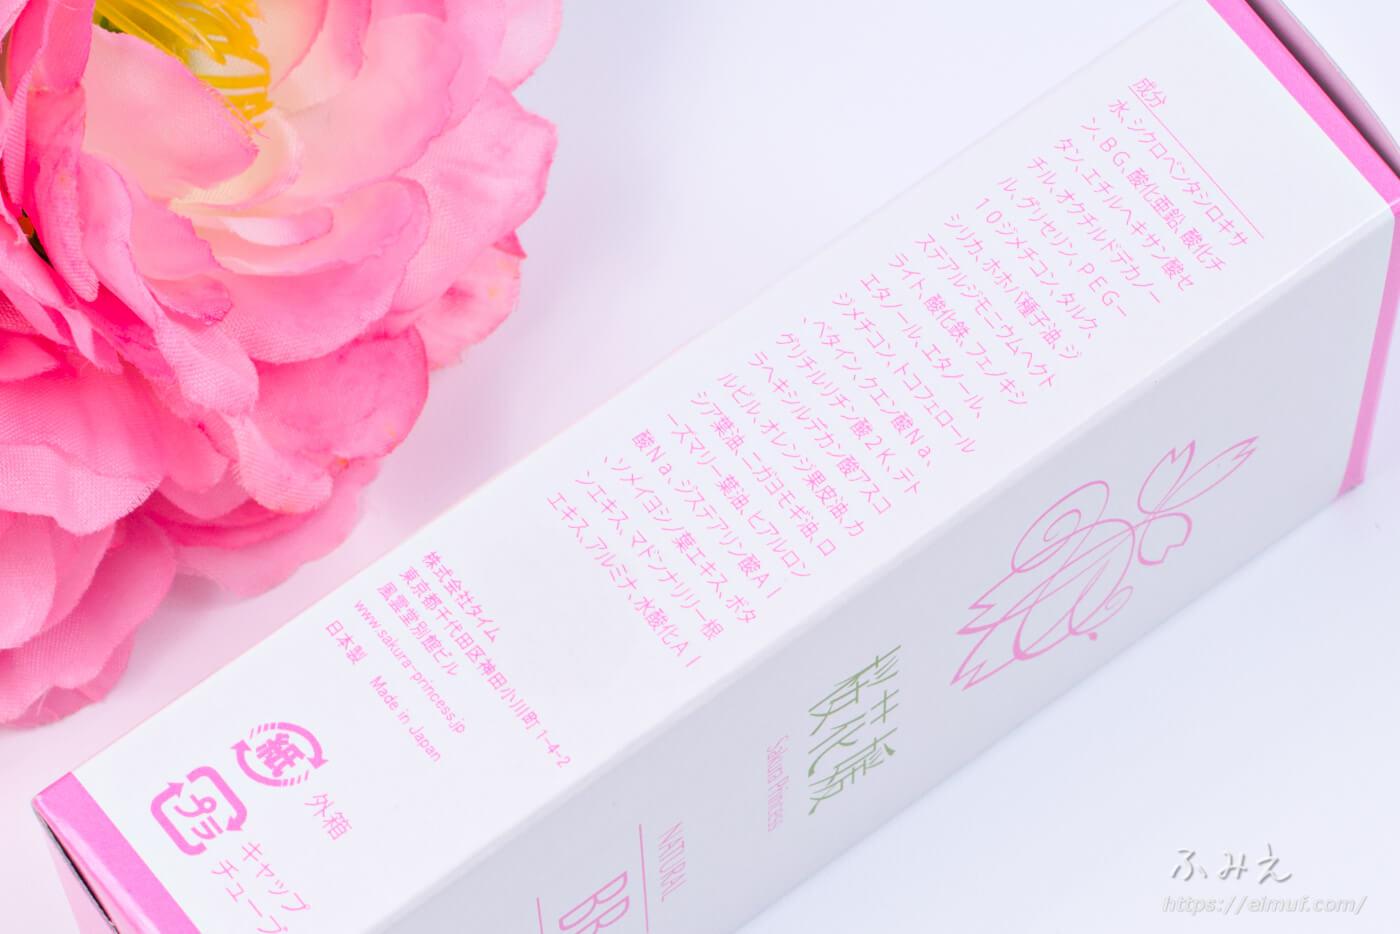 桜花媛ナチュラルBBクリーム #ピンク 外箱側面